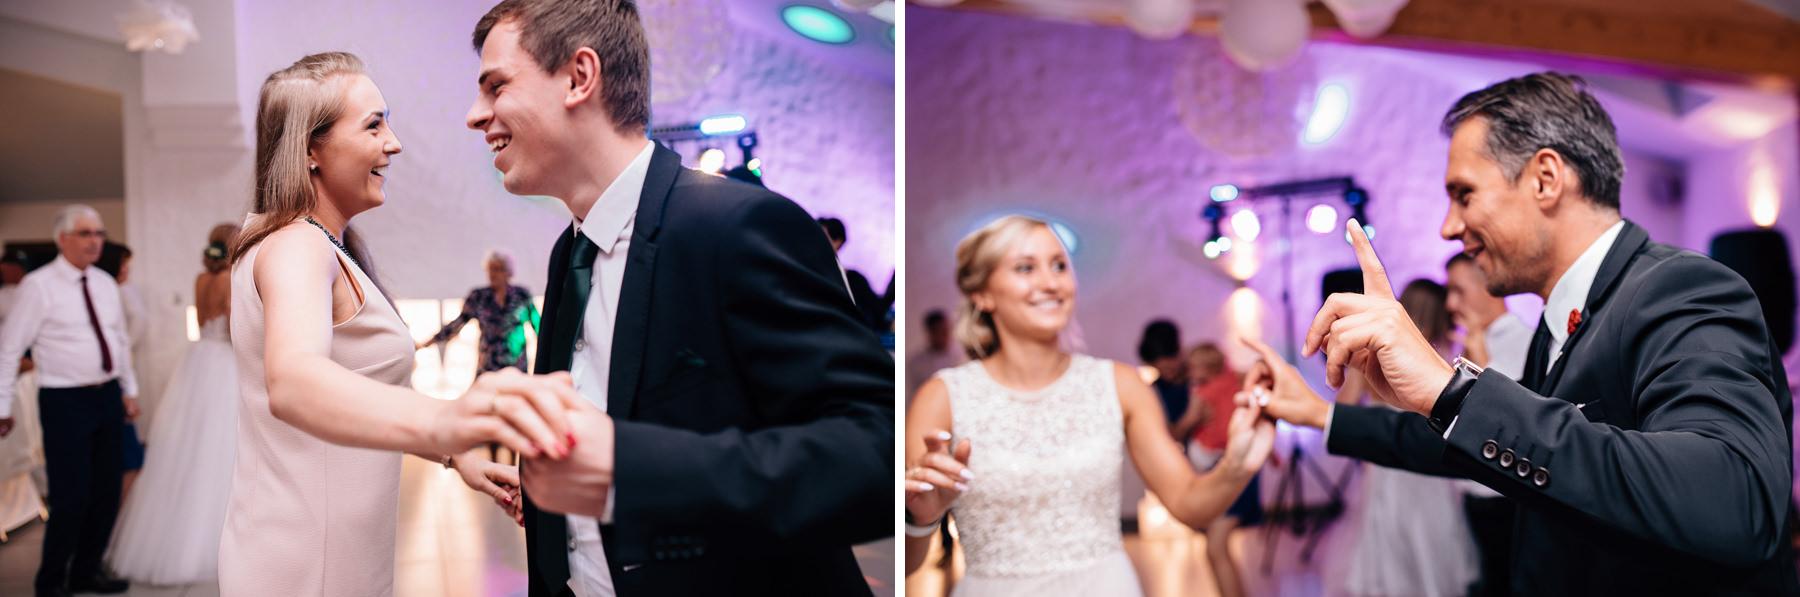 wesele dworek nad regą